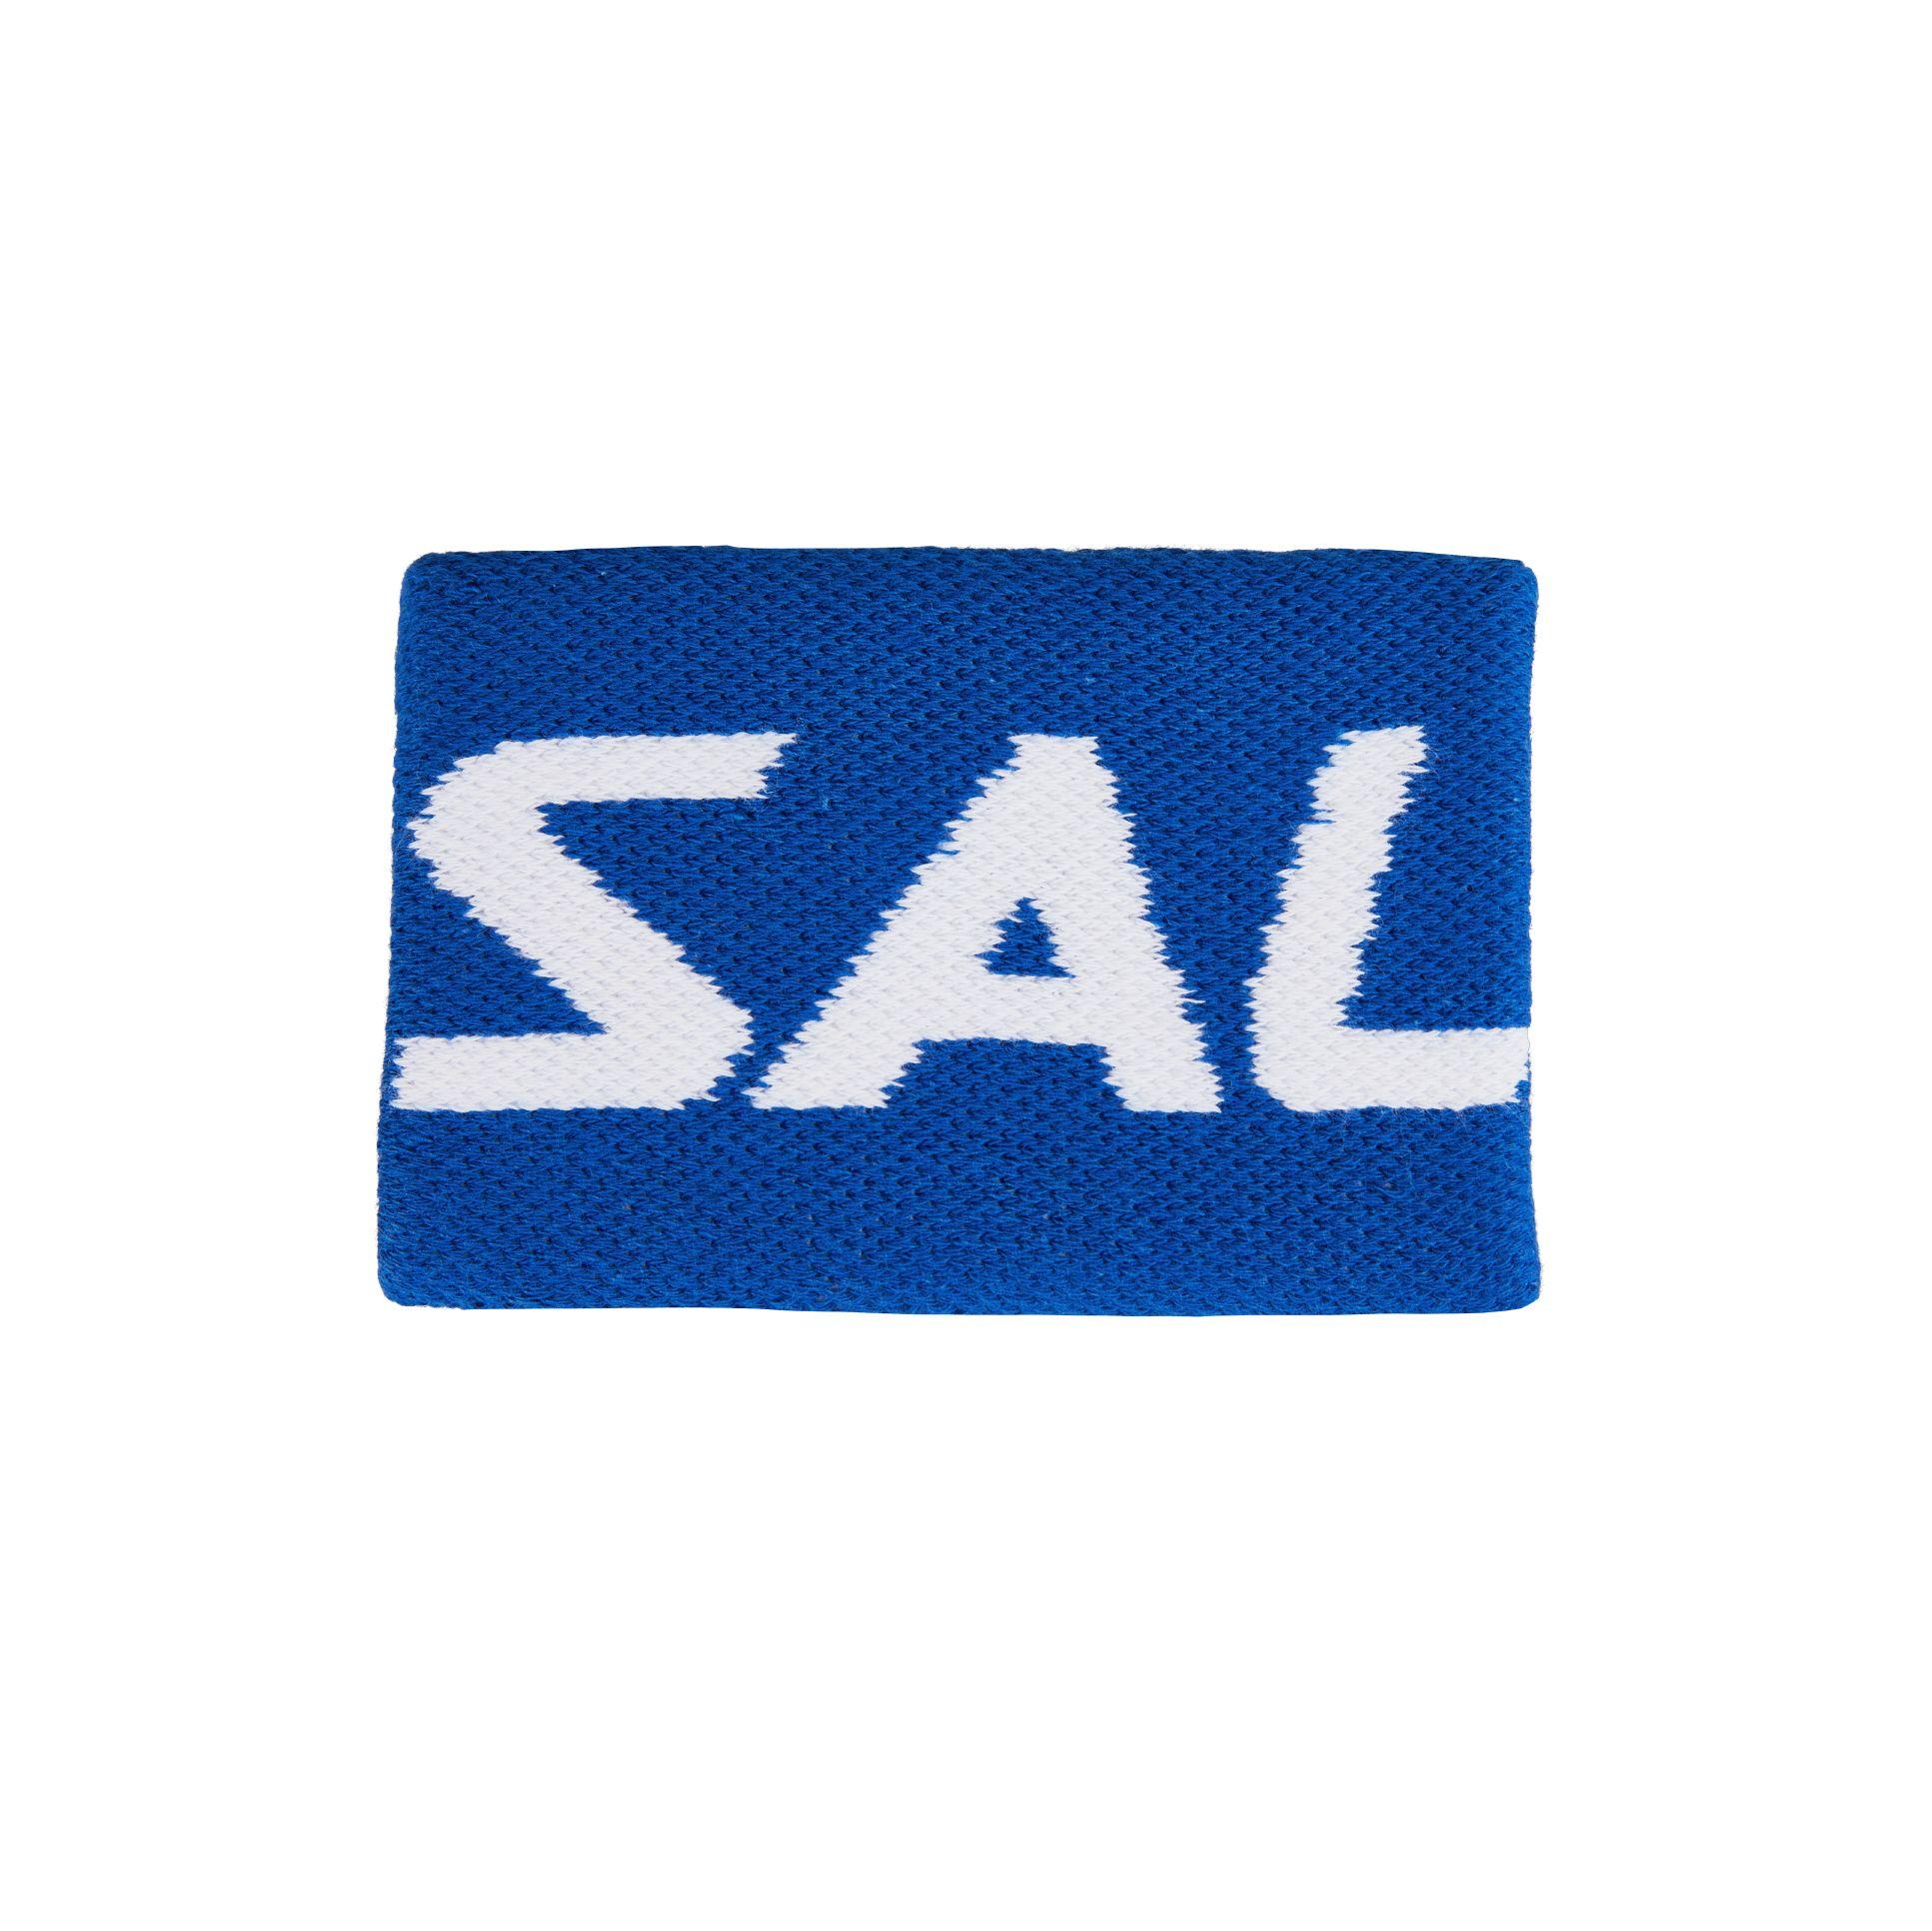 58648ad12 FLORBAL OBCHOD - SALMING Atlas Goalie Jersey JR Orange Black - SALMING  potítko Mid Blue Navy